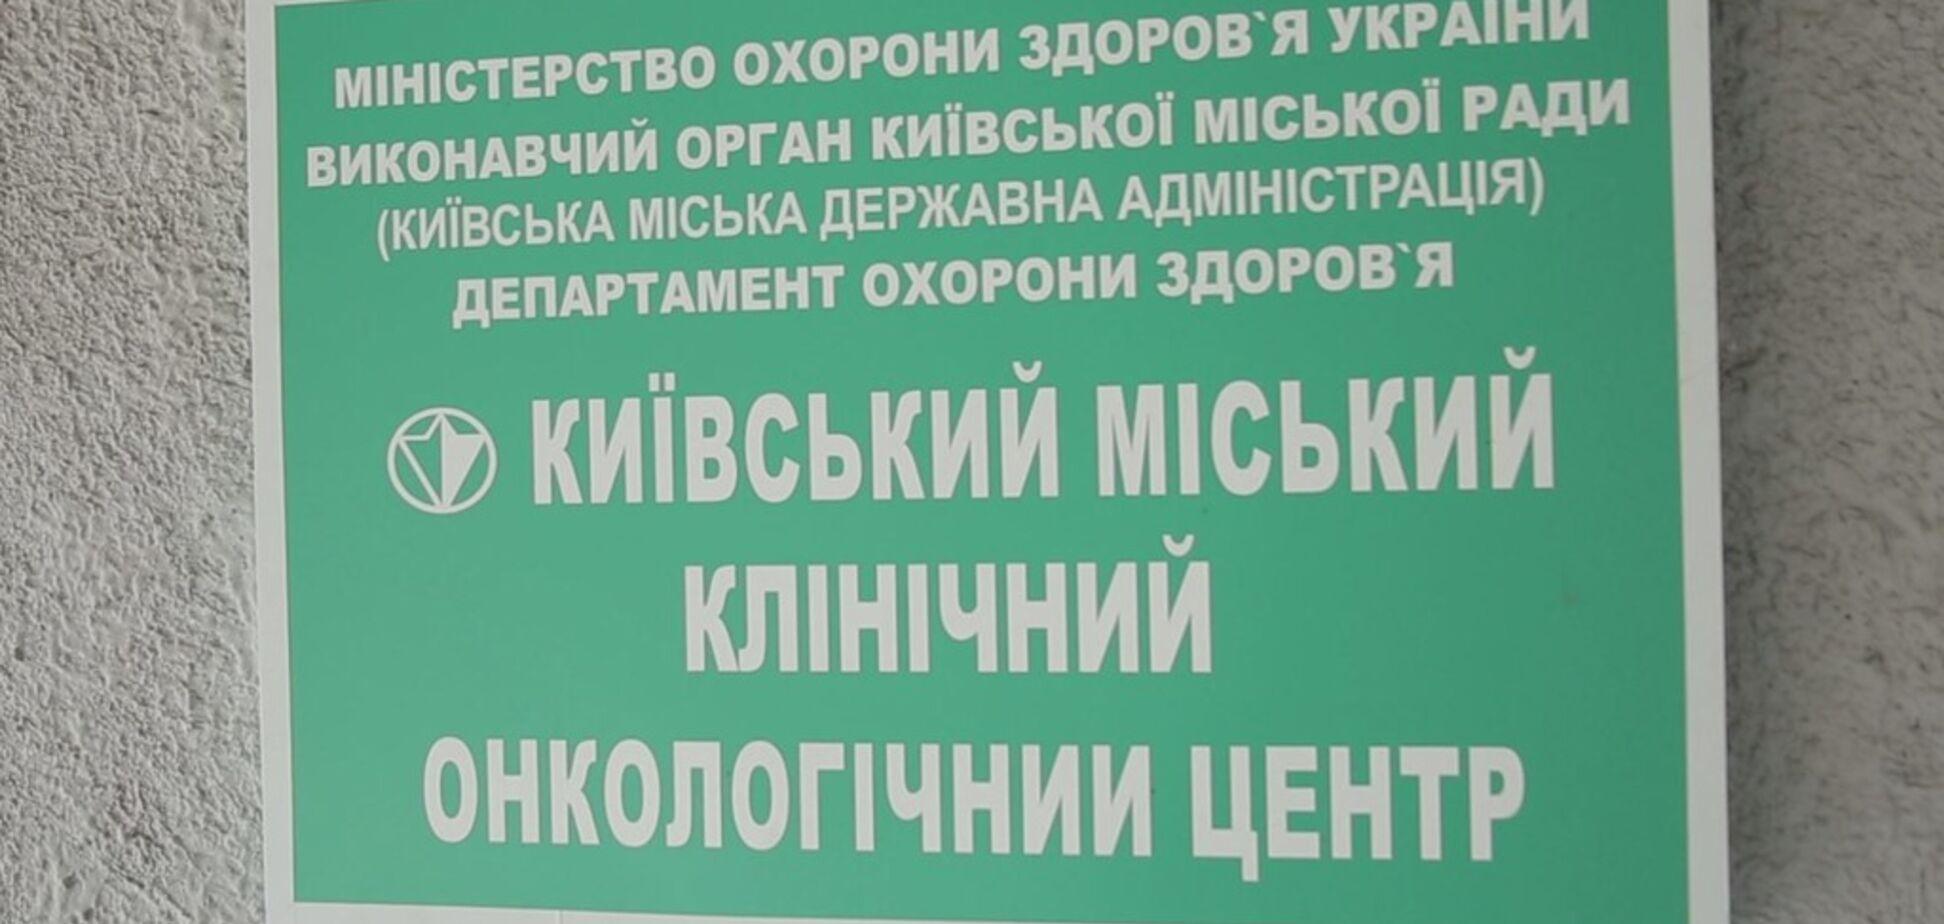 У Київський онкоцентр волонтери БФ ''Відродження'' доставили життєво важливі препарати для дітей